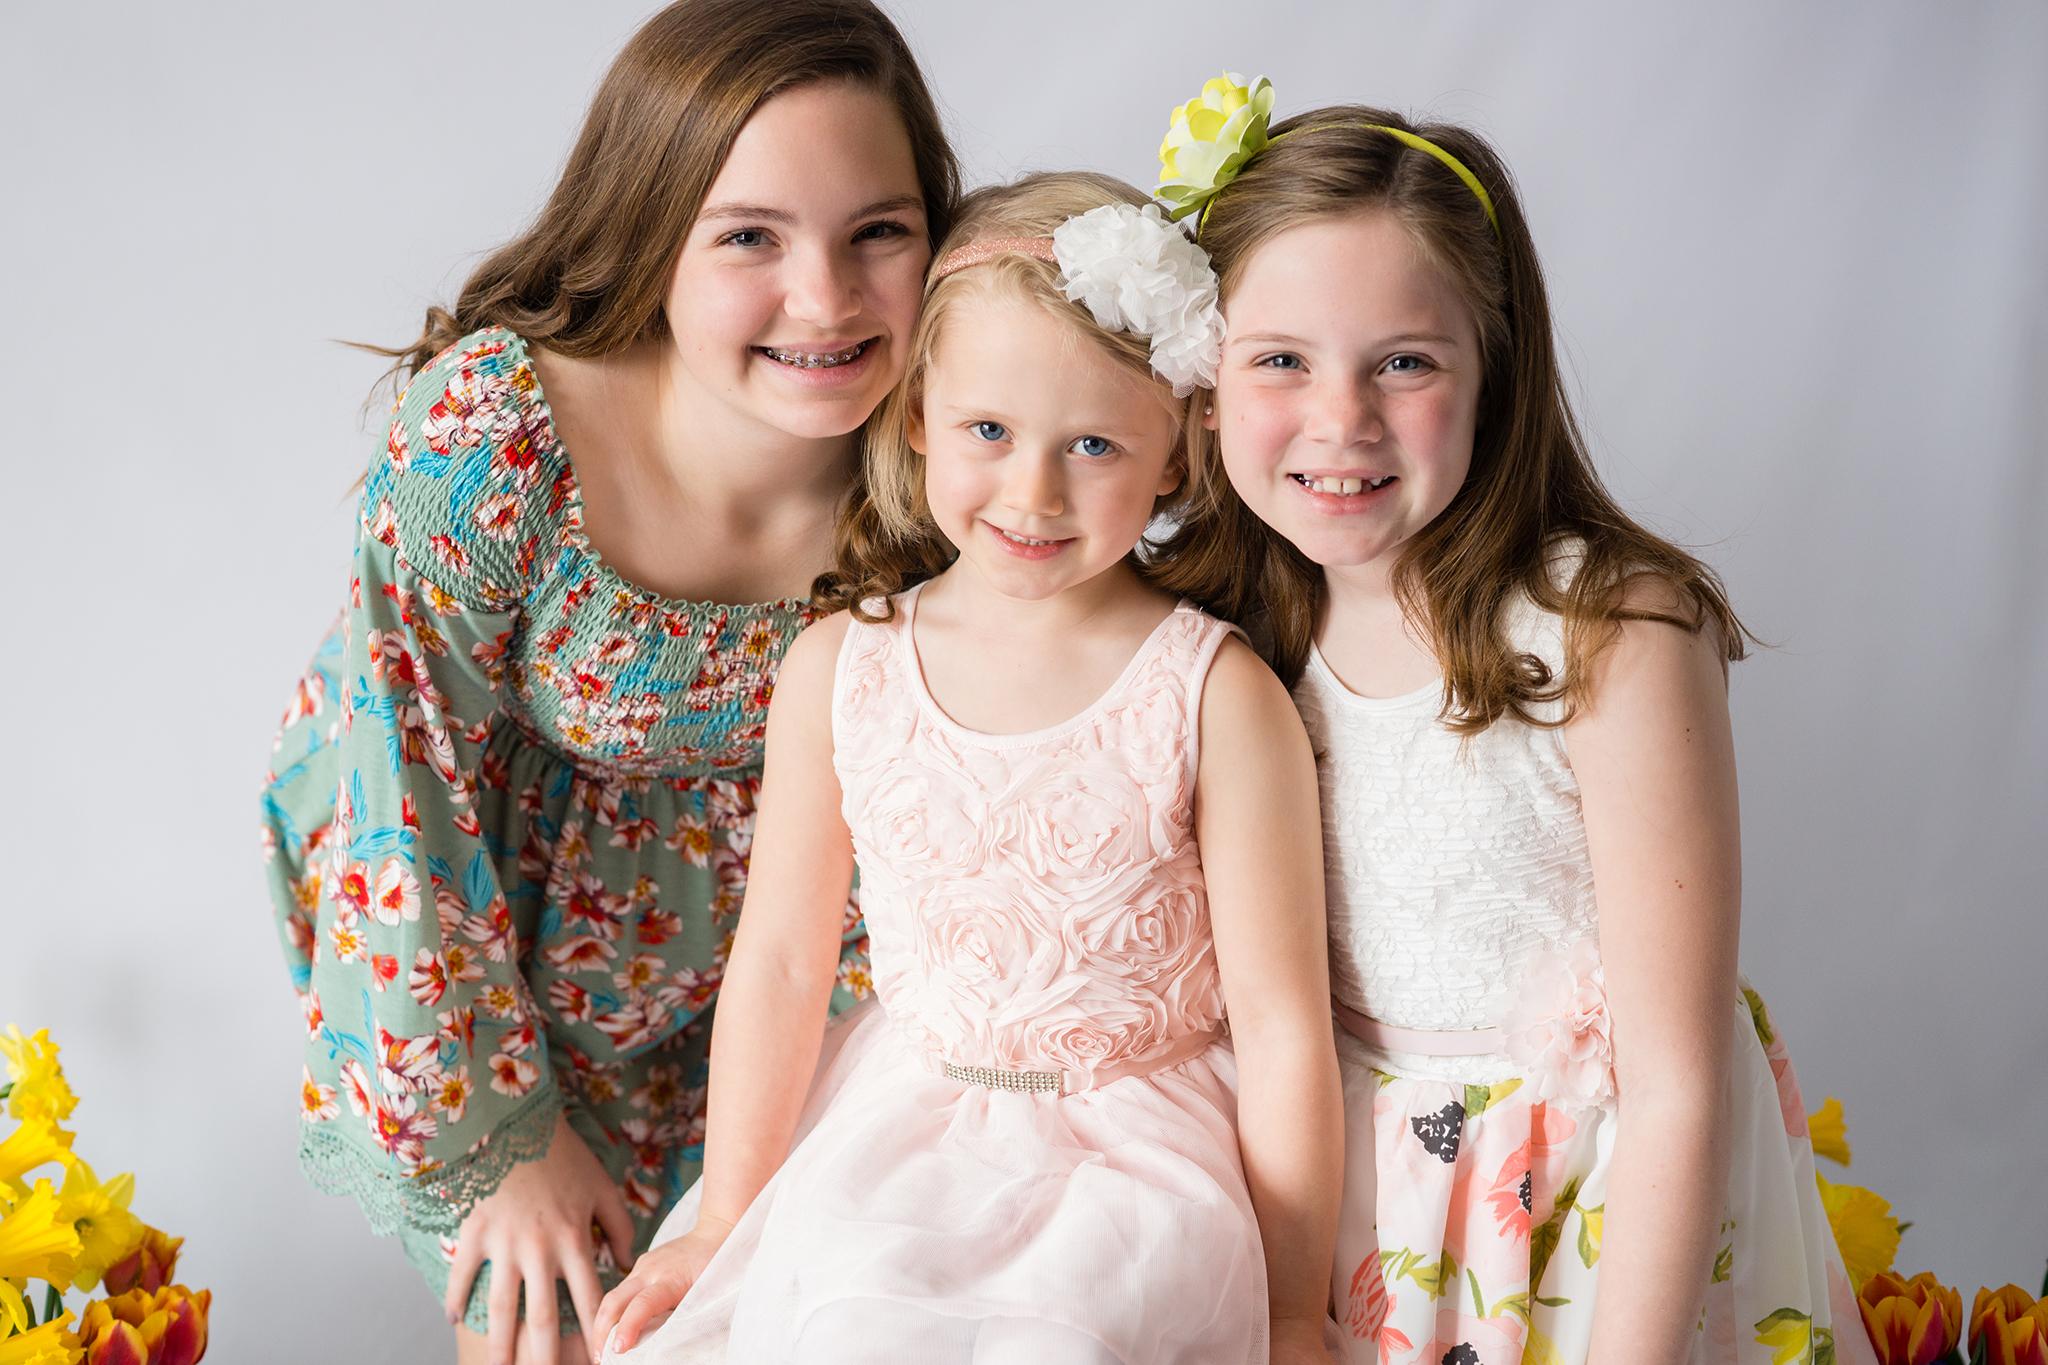 Garber girls Easter Bunny Sessions 03.25.18-11 resized.jpg